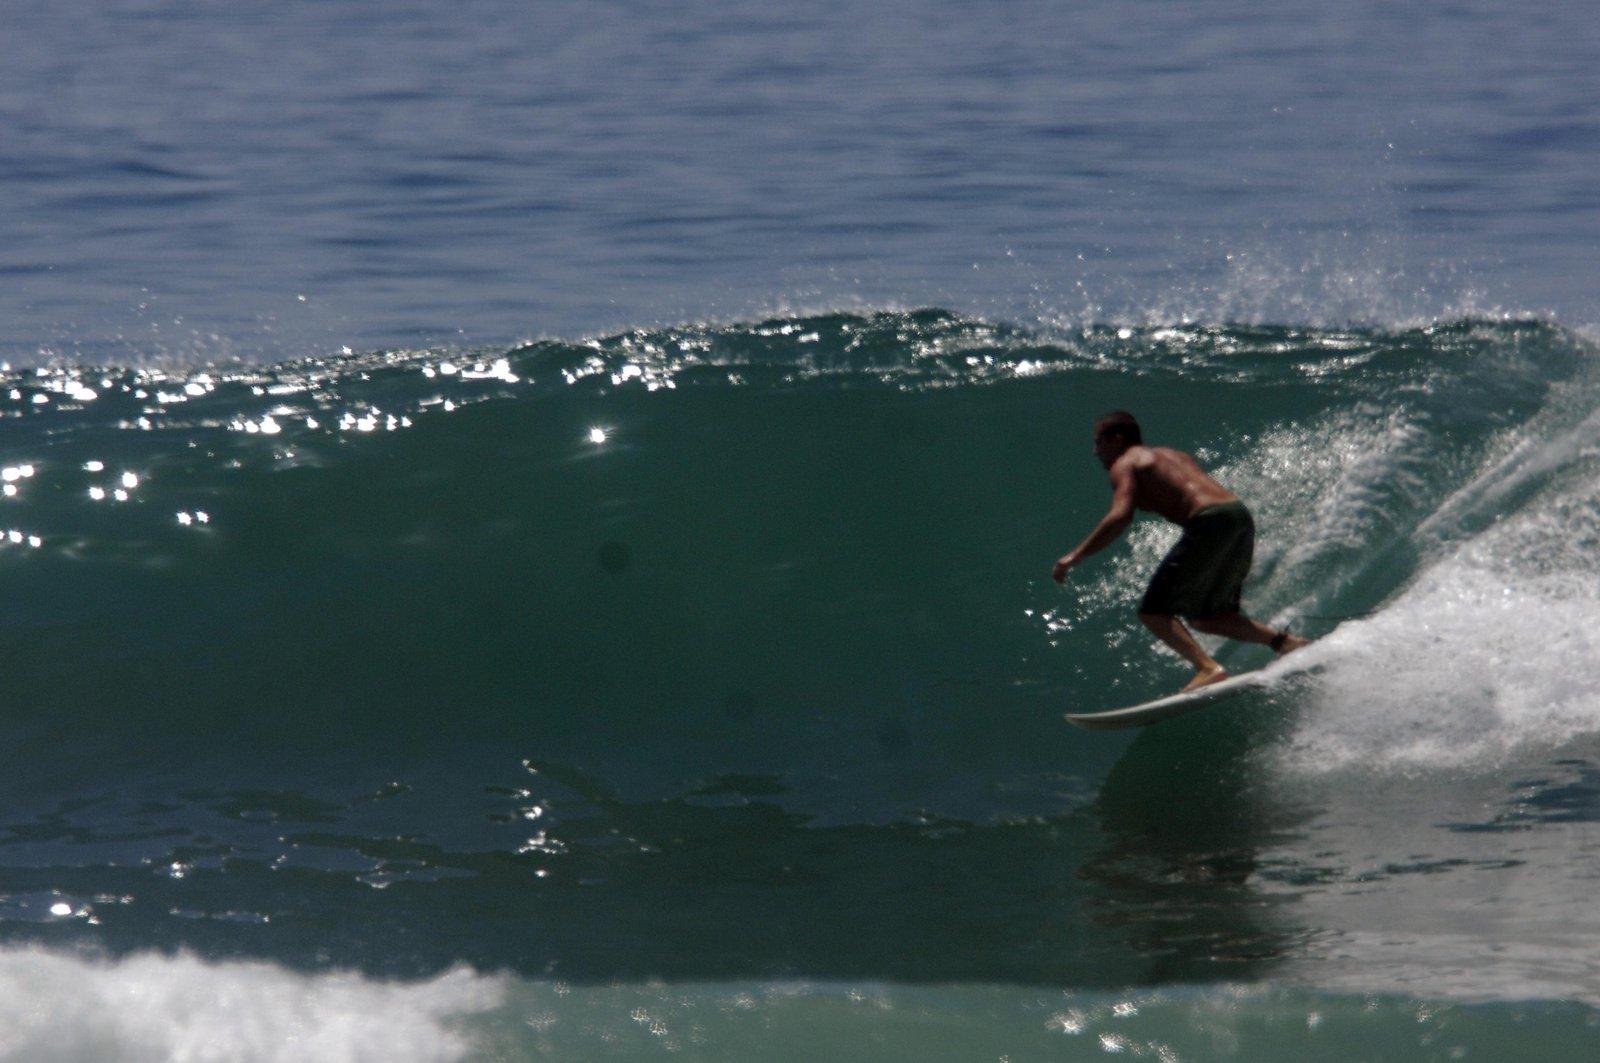 Benchetler surf